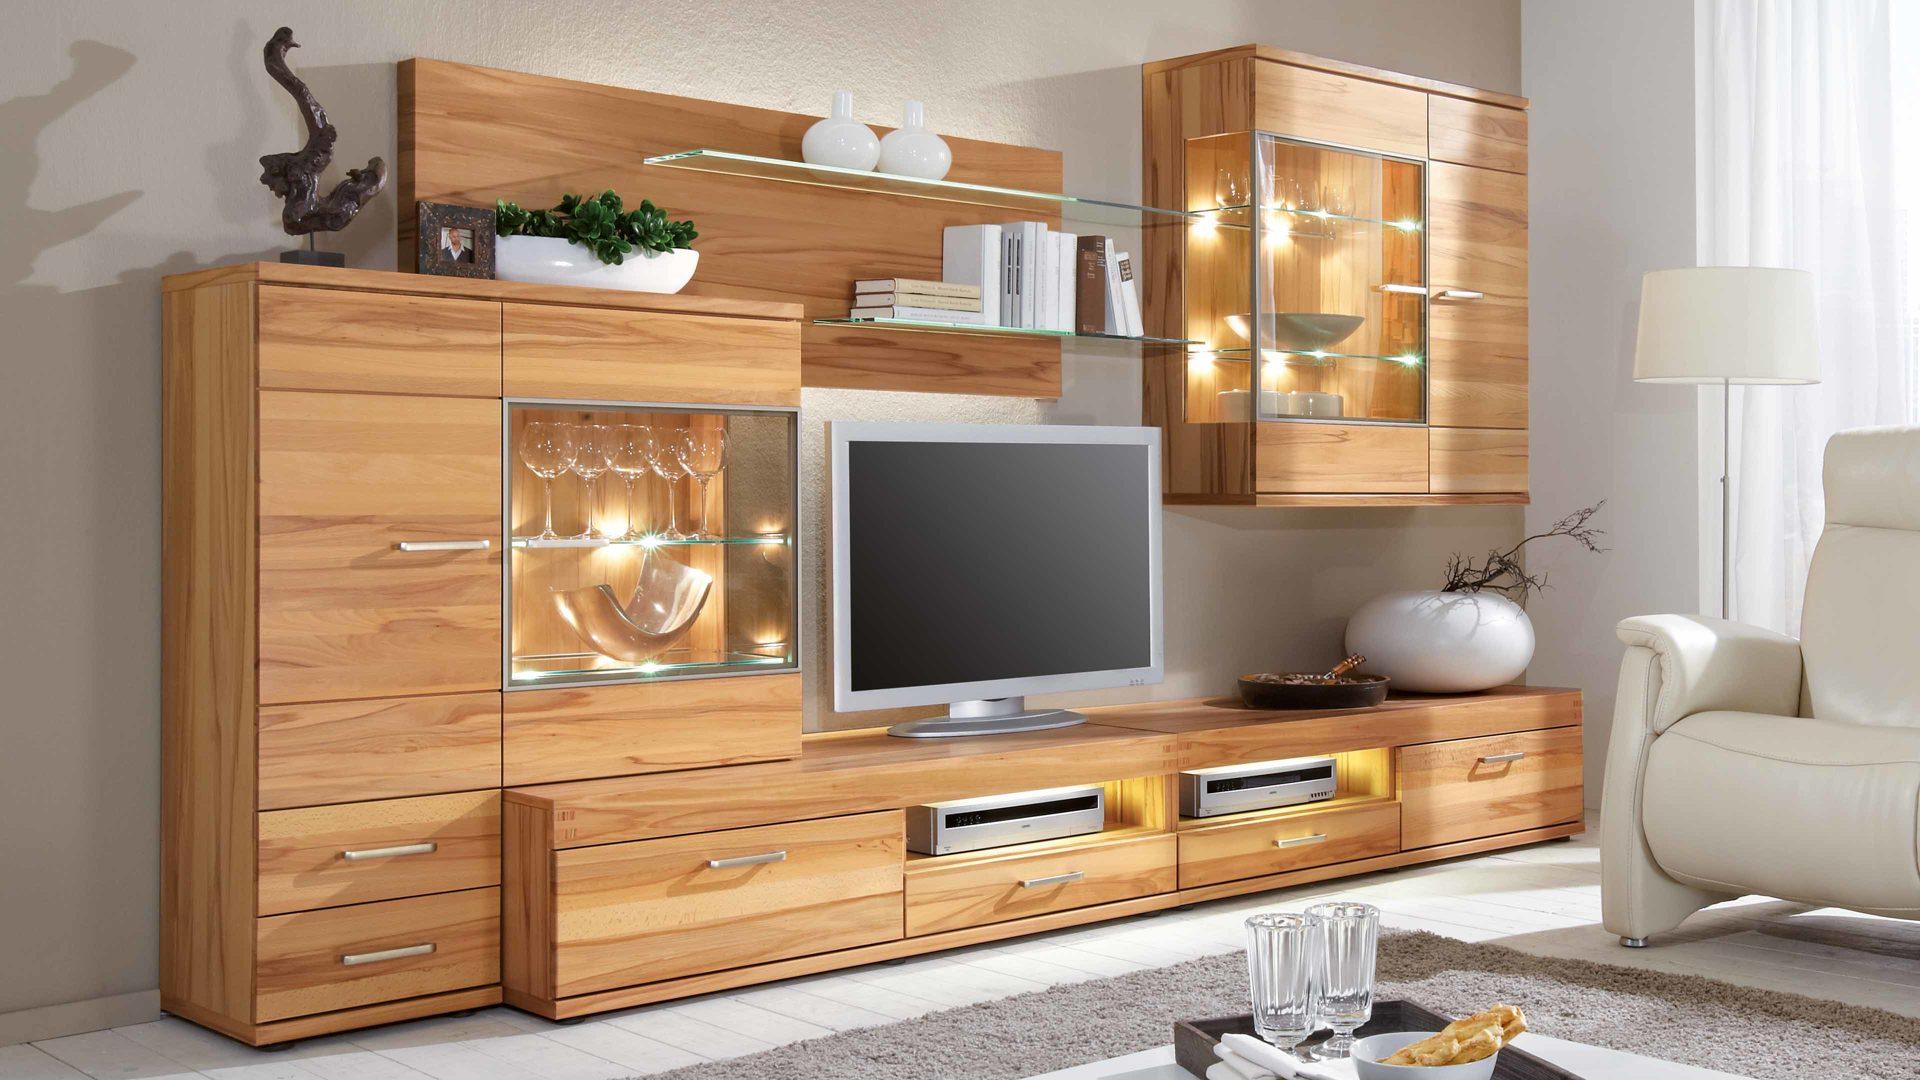 design wohnzimmer design holz wandverkleidung holz mit ... - Wohnzimmer Design Holz